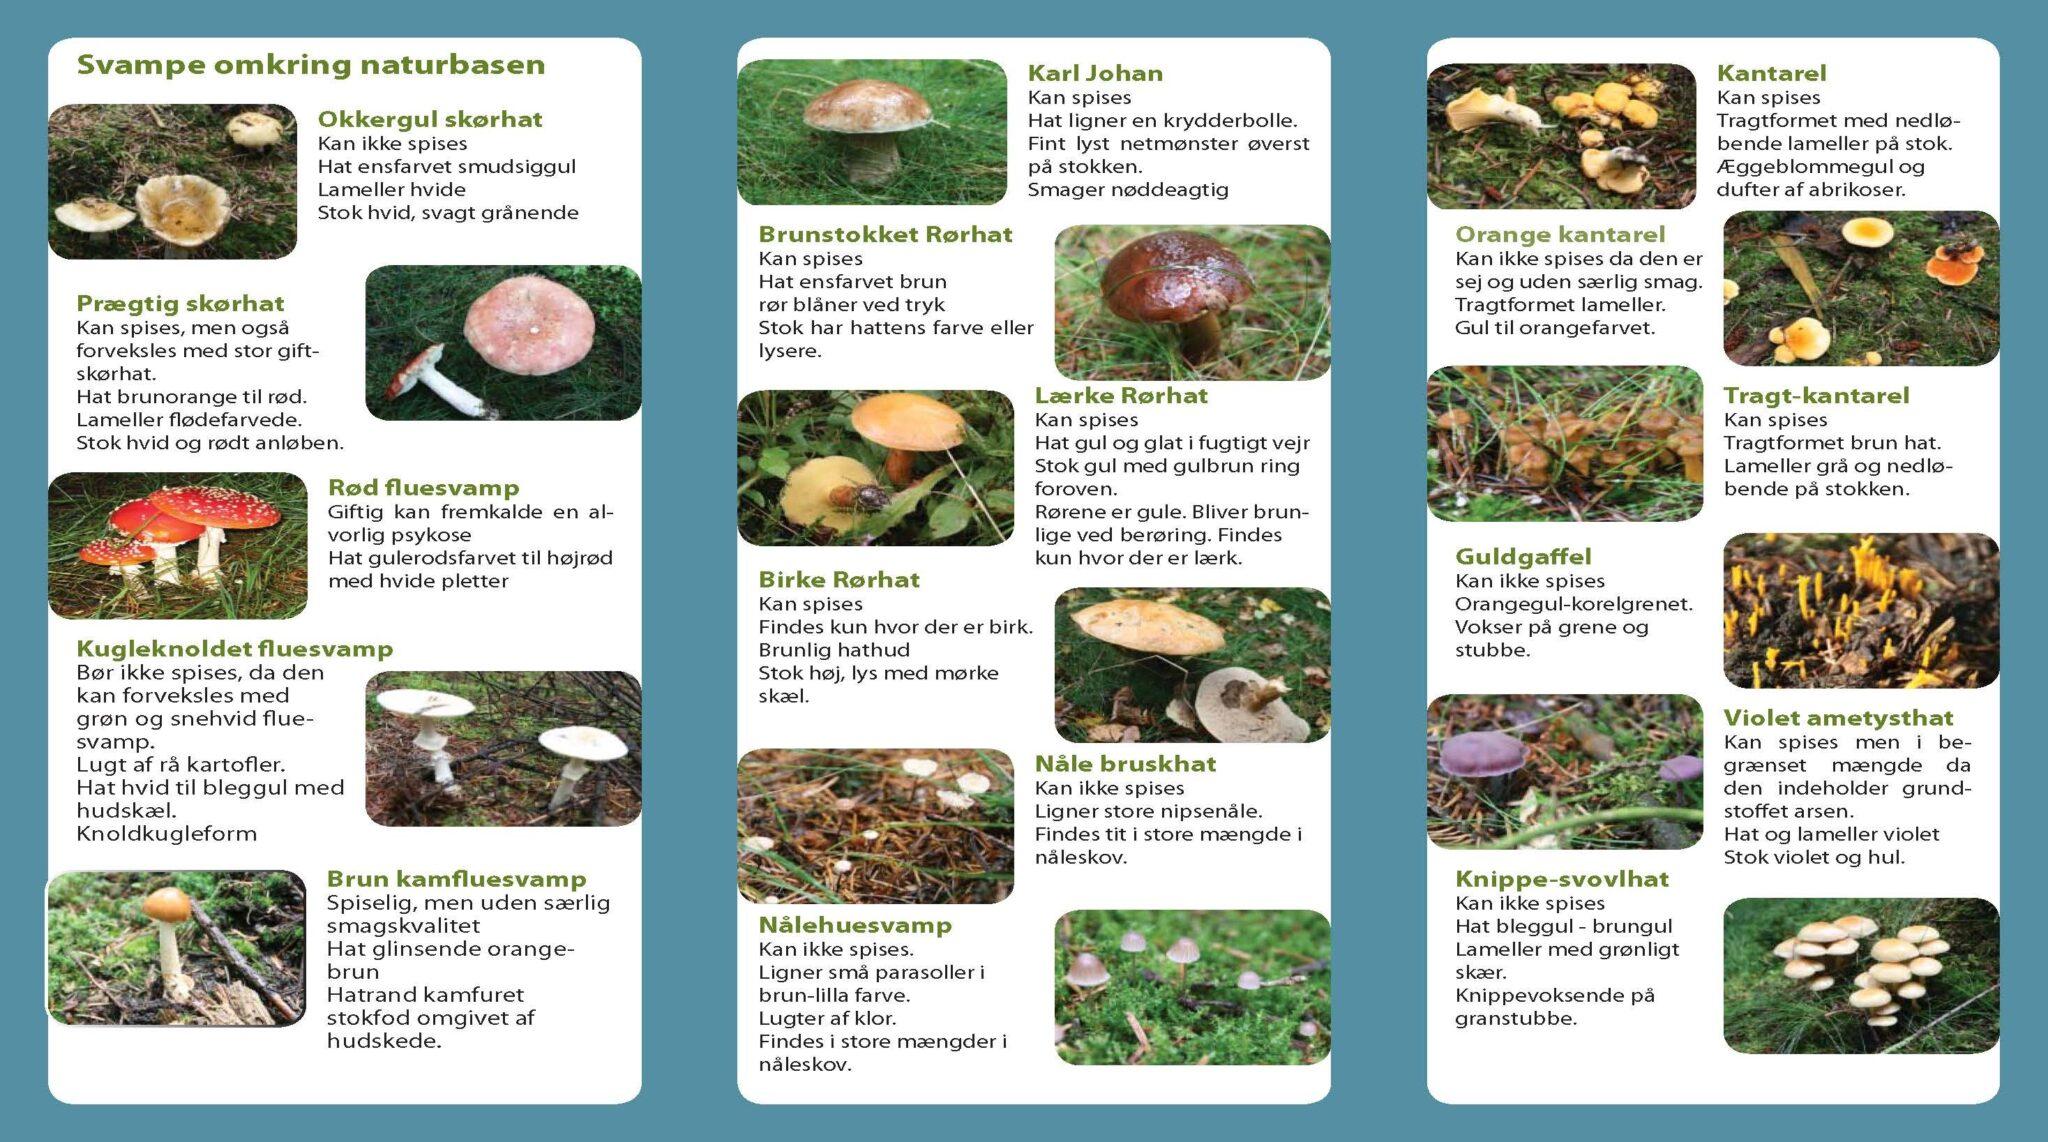 Oversigt over svampe